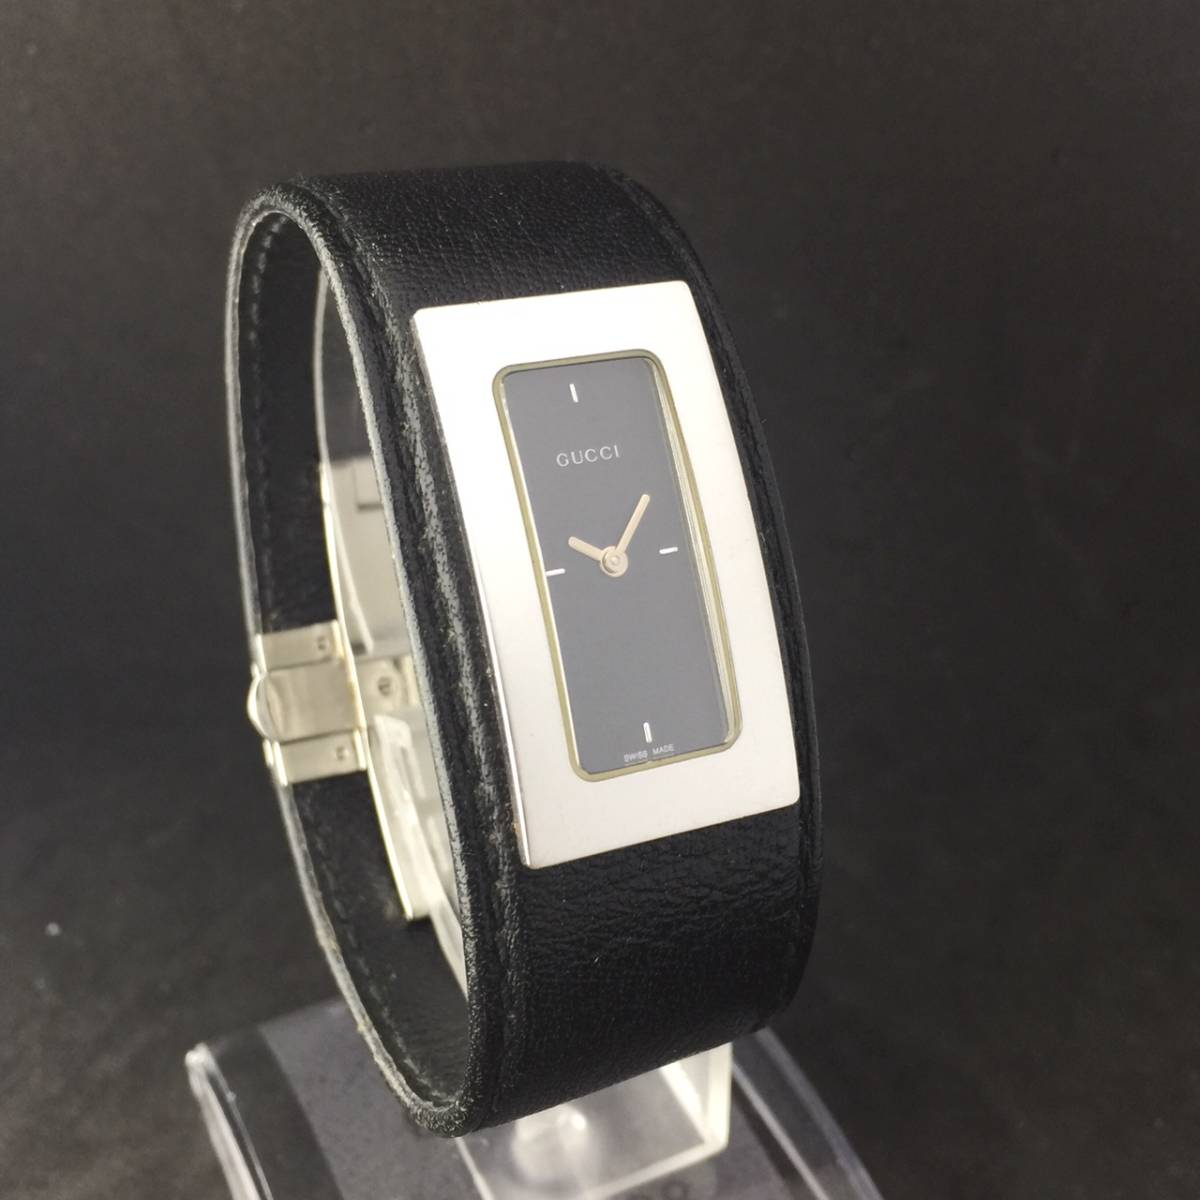 【1円箱付】GUCCI グッチ 腕時計 レディース 7800S レザー ブラックダイヤル スクエア 可動品_画像3